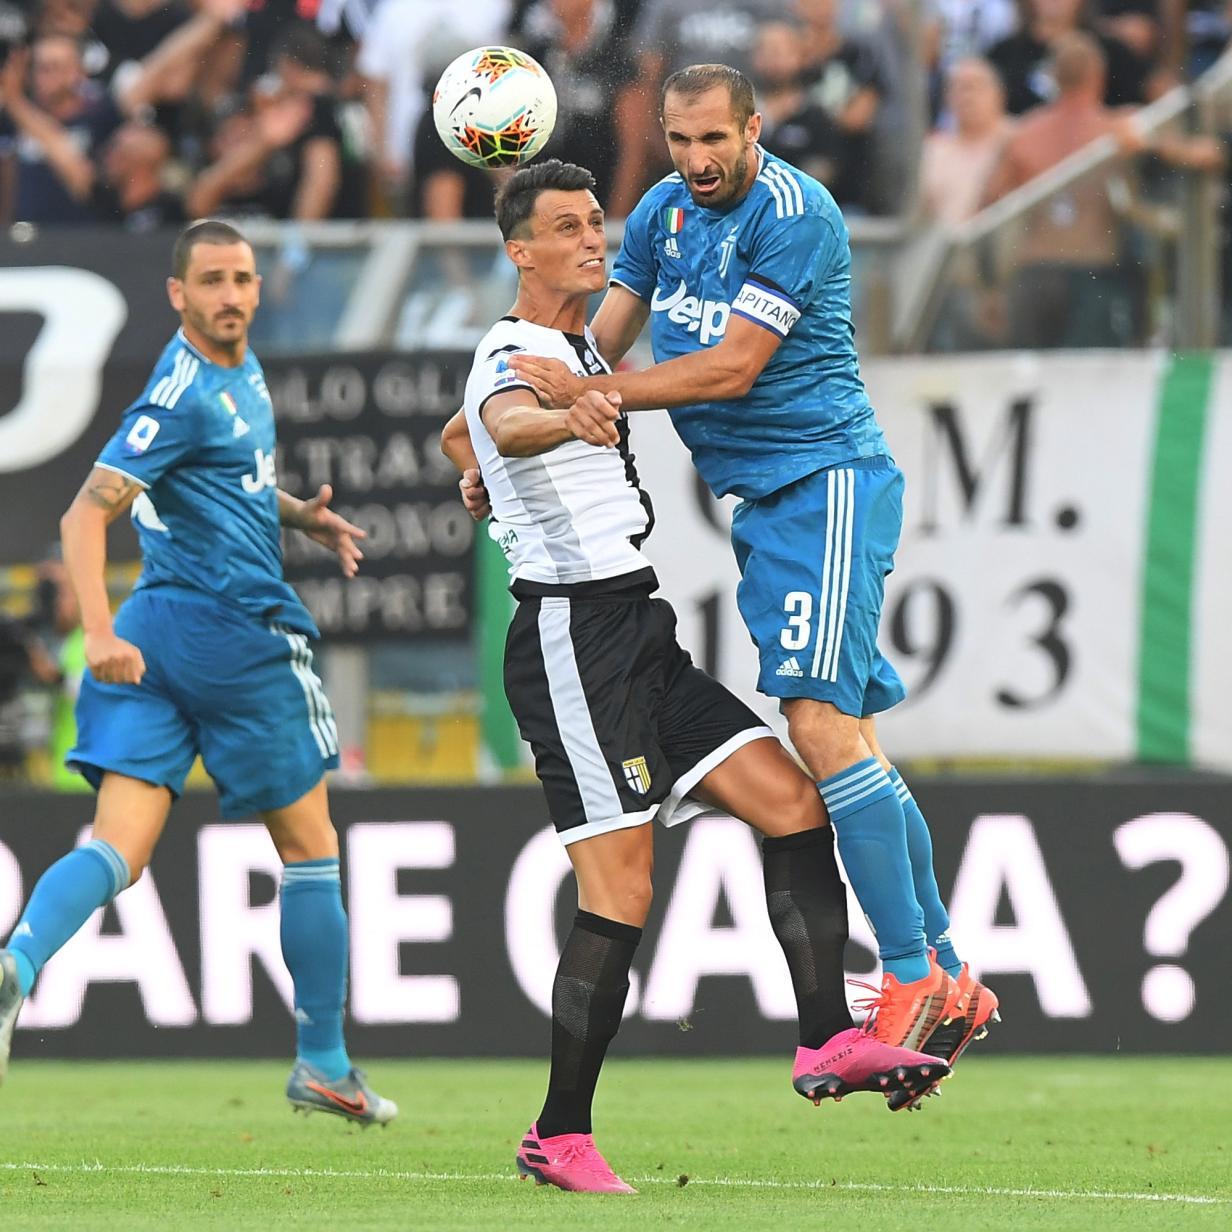 Italien: Serienmeister Juve beginnt neue Saison mit 1:0 in Parma